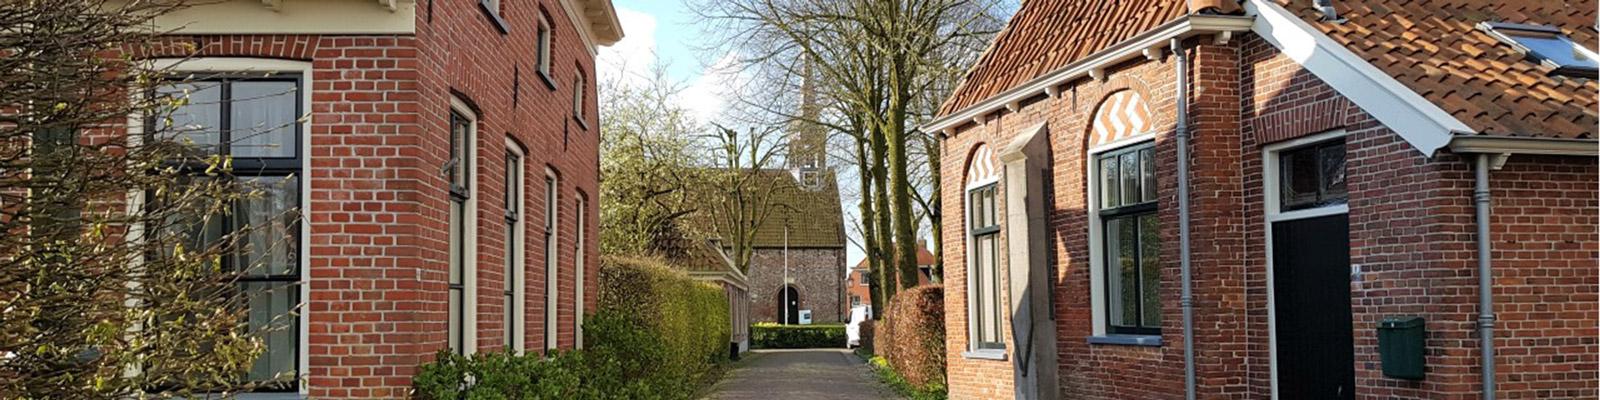 oude kerkjes